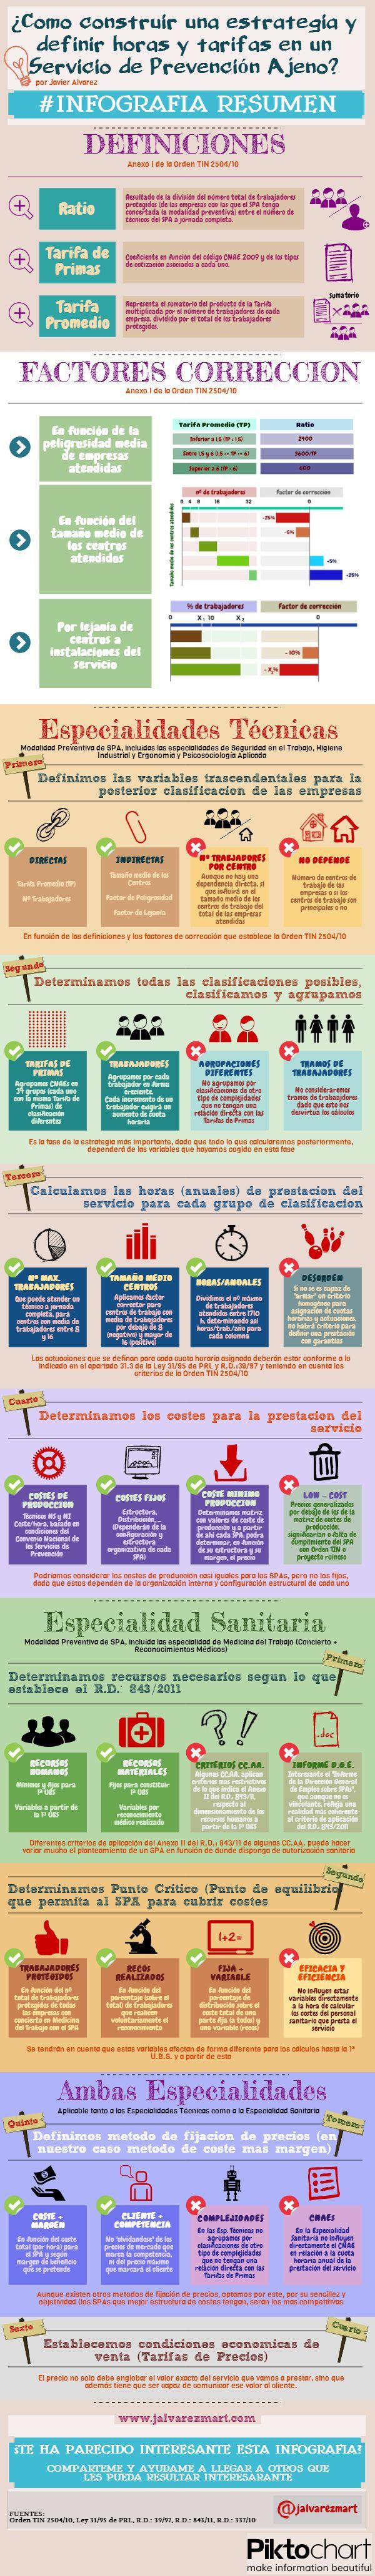 (6/6) ¿Como construir una #estrategia y definir horas y tarifas en un #SPA? - Blog de Javier Alvarez